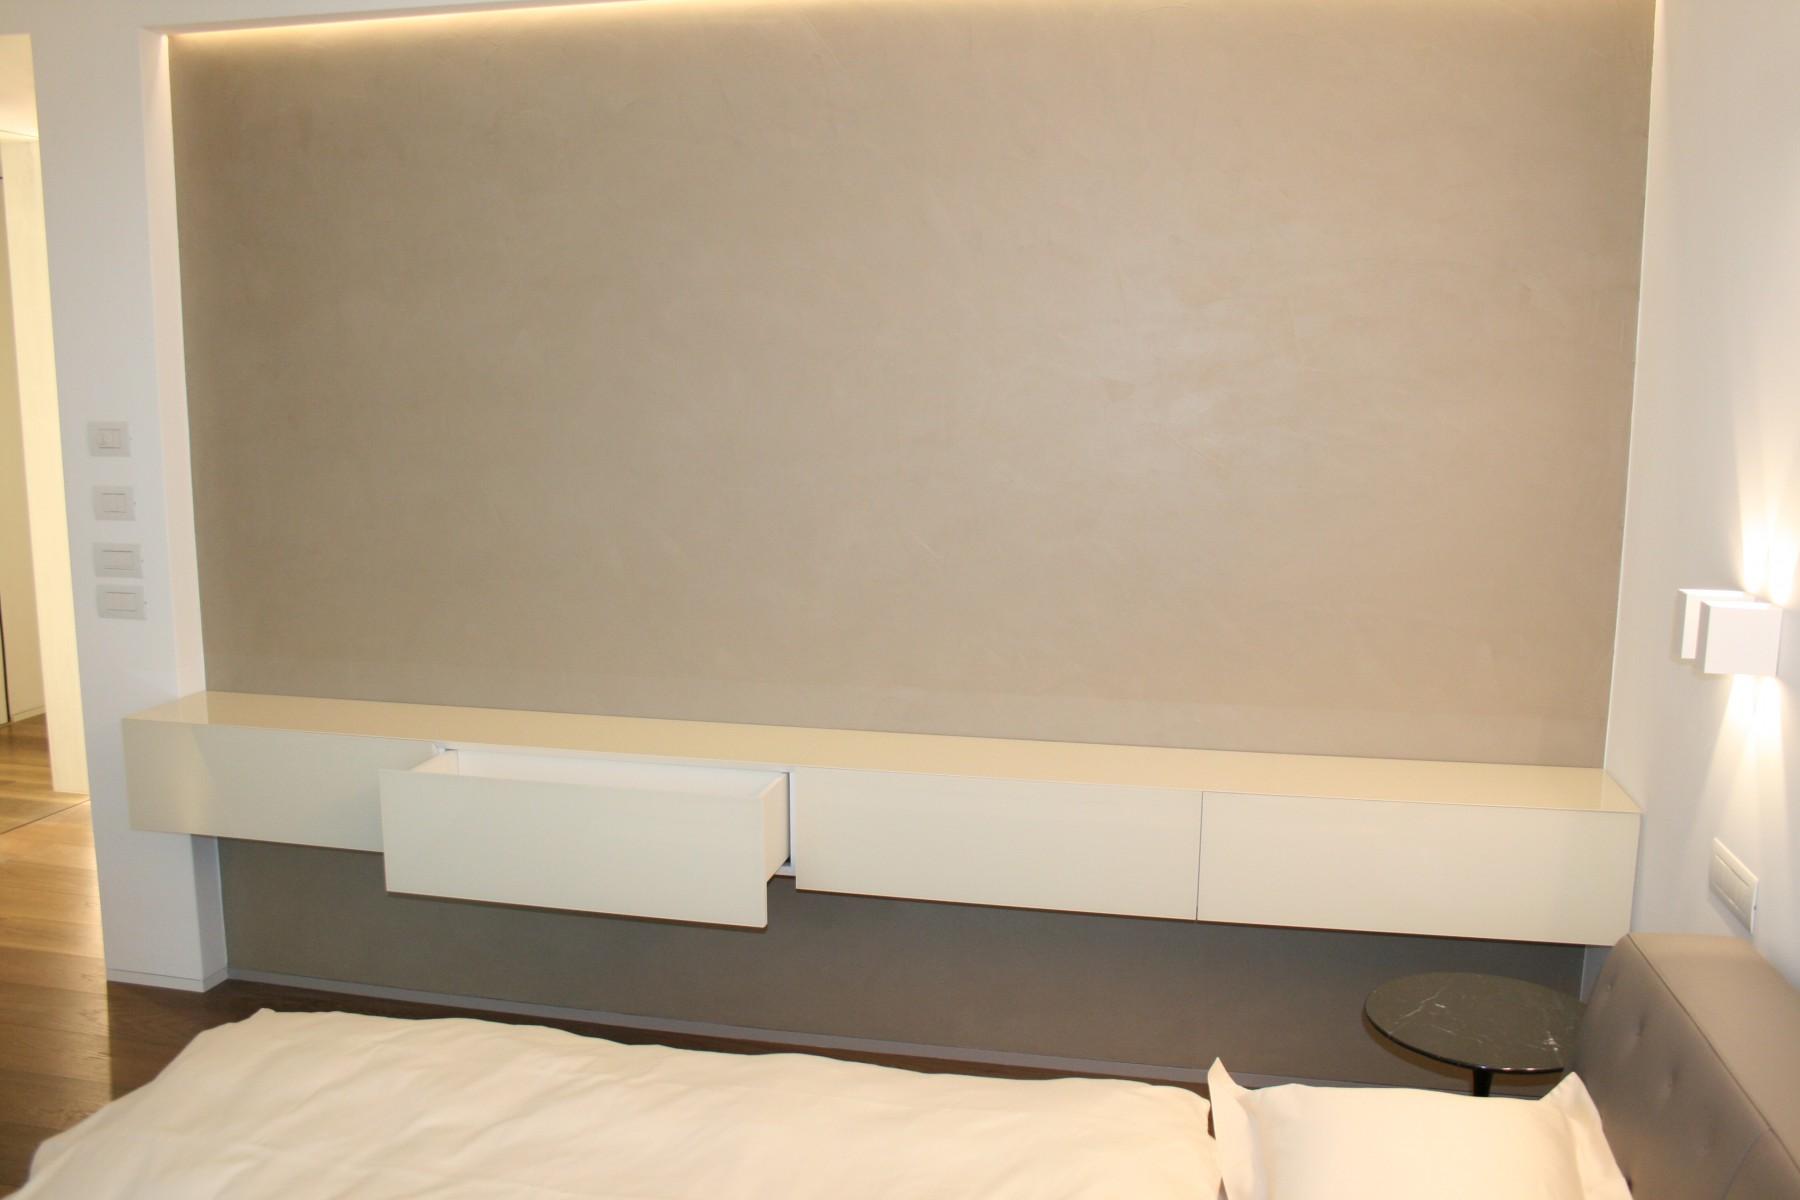 Mobile per camera da letto sospeso a santarcangelo di romagna - Mobile camera da letto ...